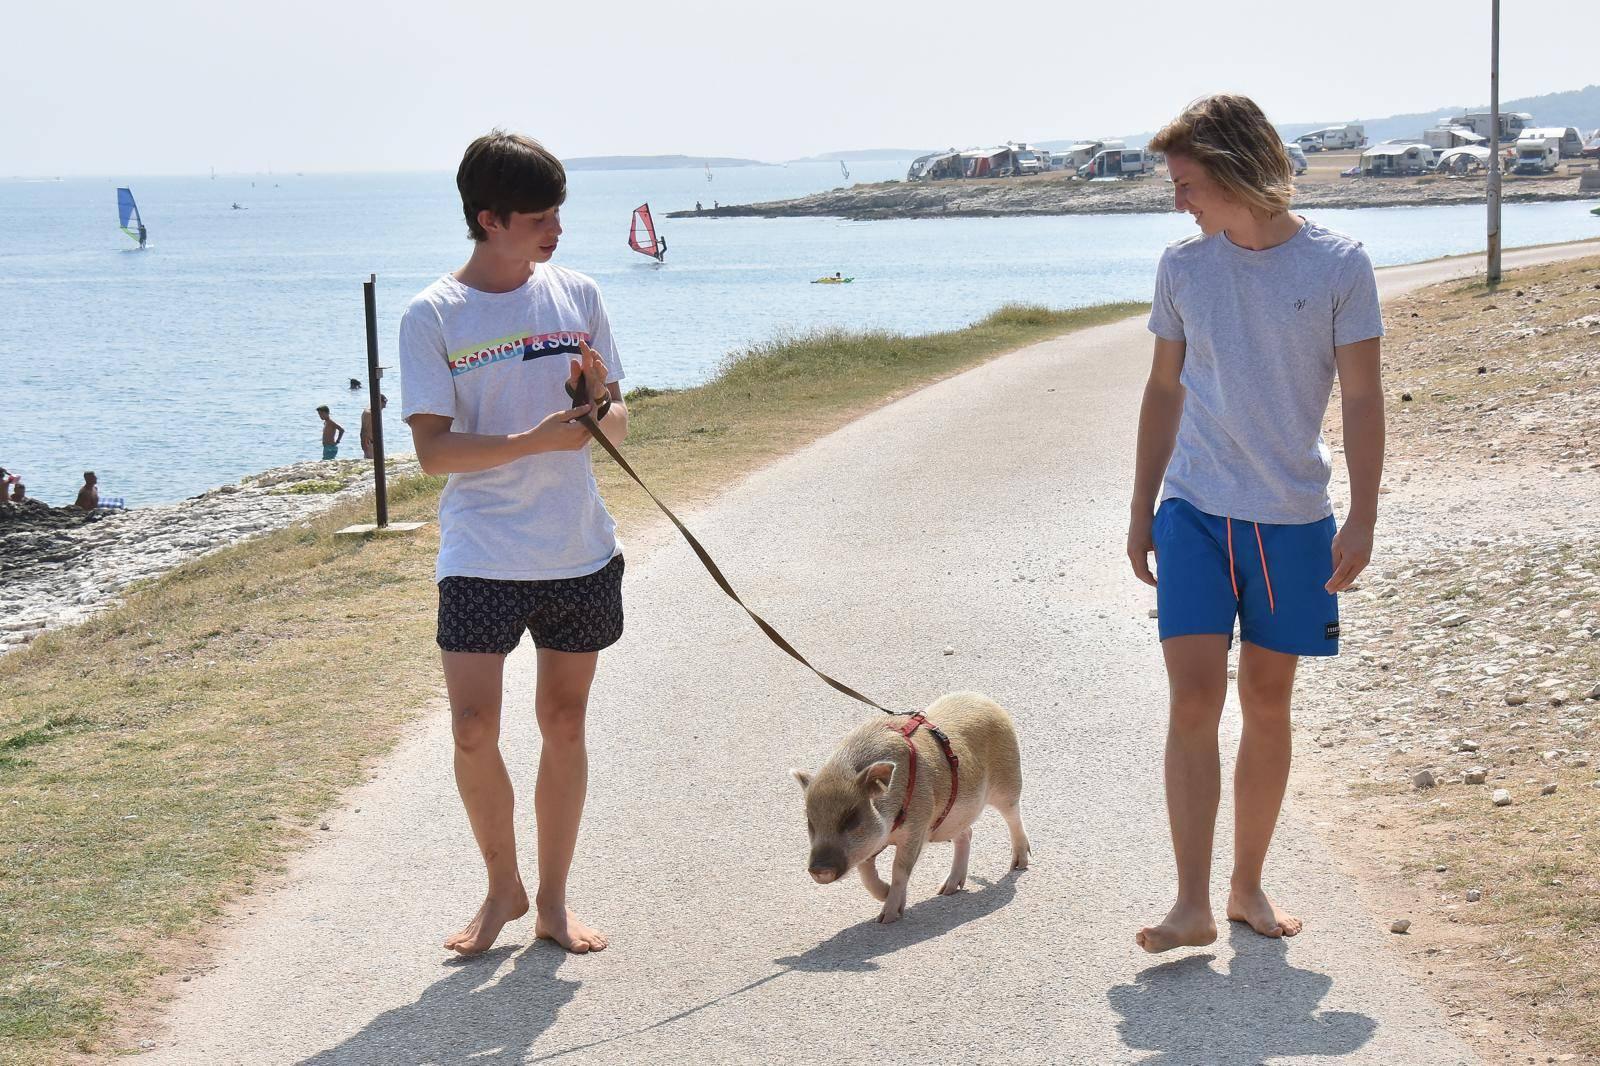 Ona je hit: 'Naša mala svinjica svakome na plaži uljepša dan'